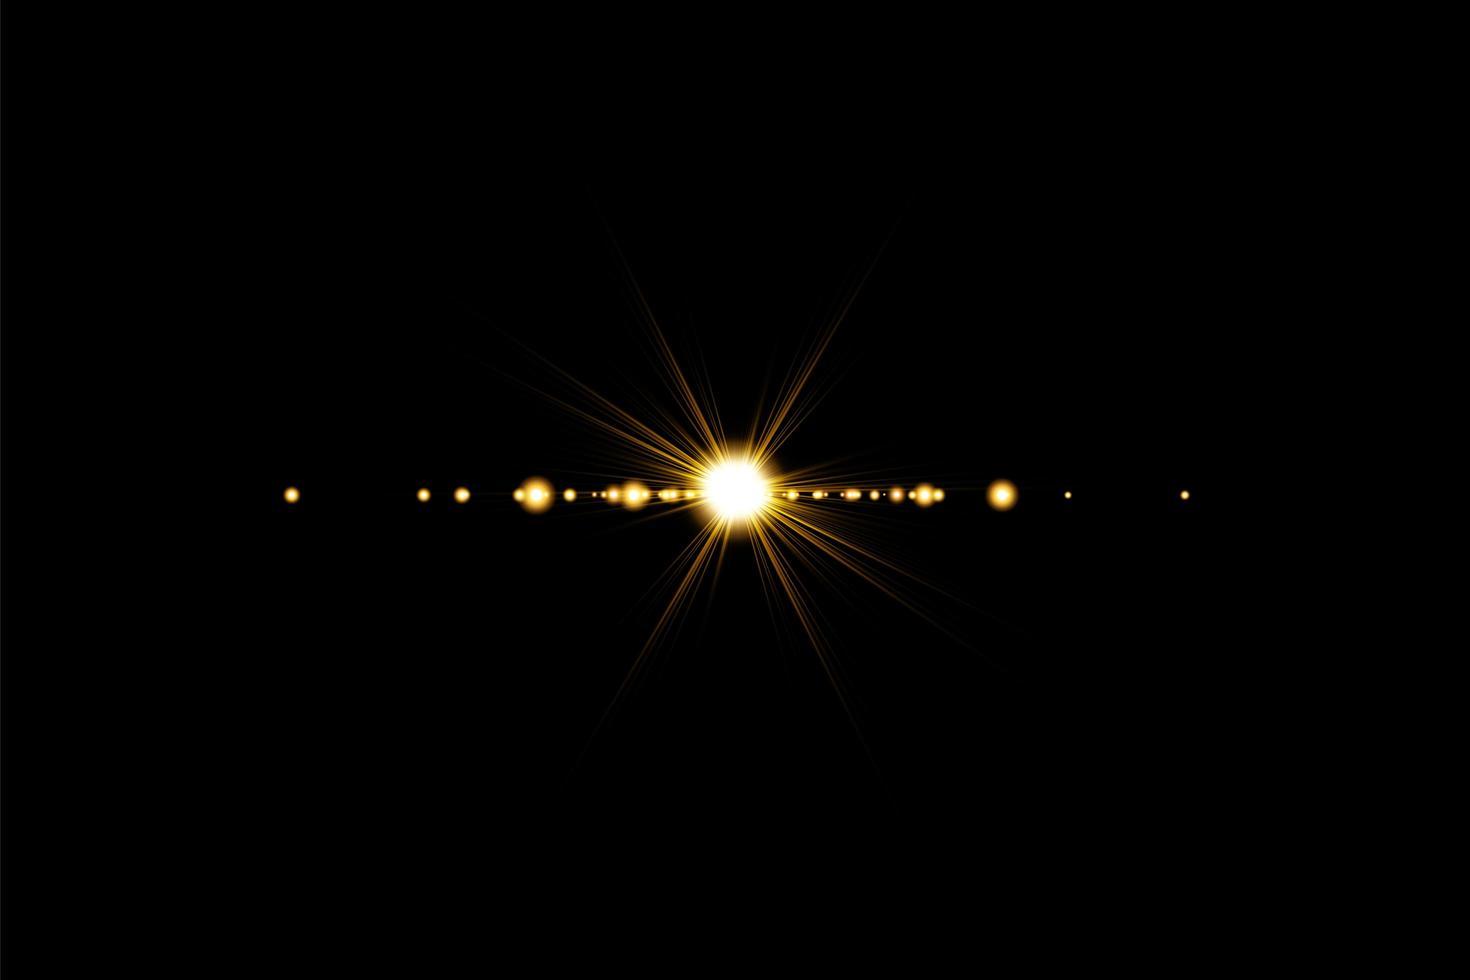 goud warme kleur heldere lensflare vector